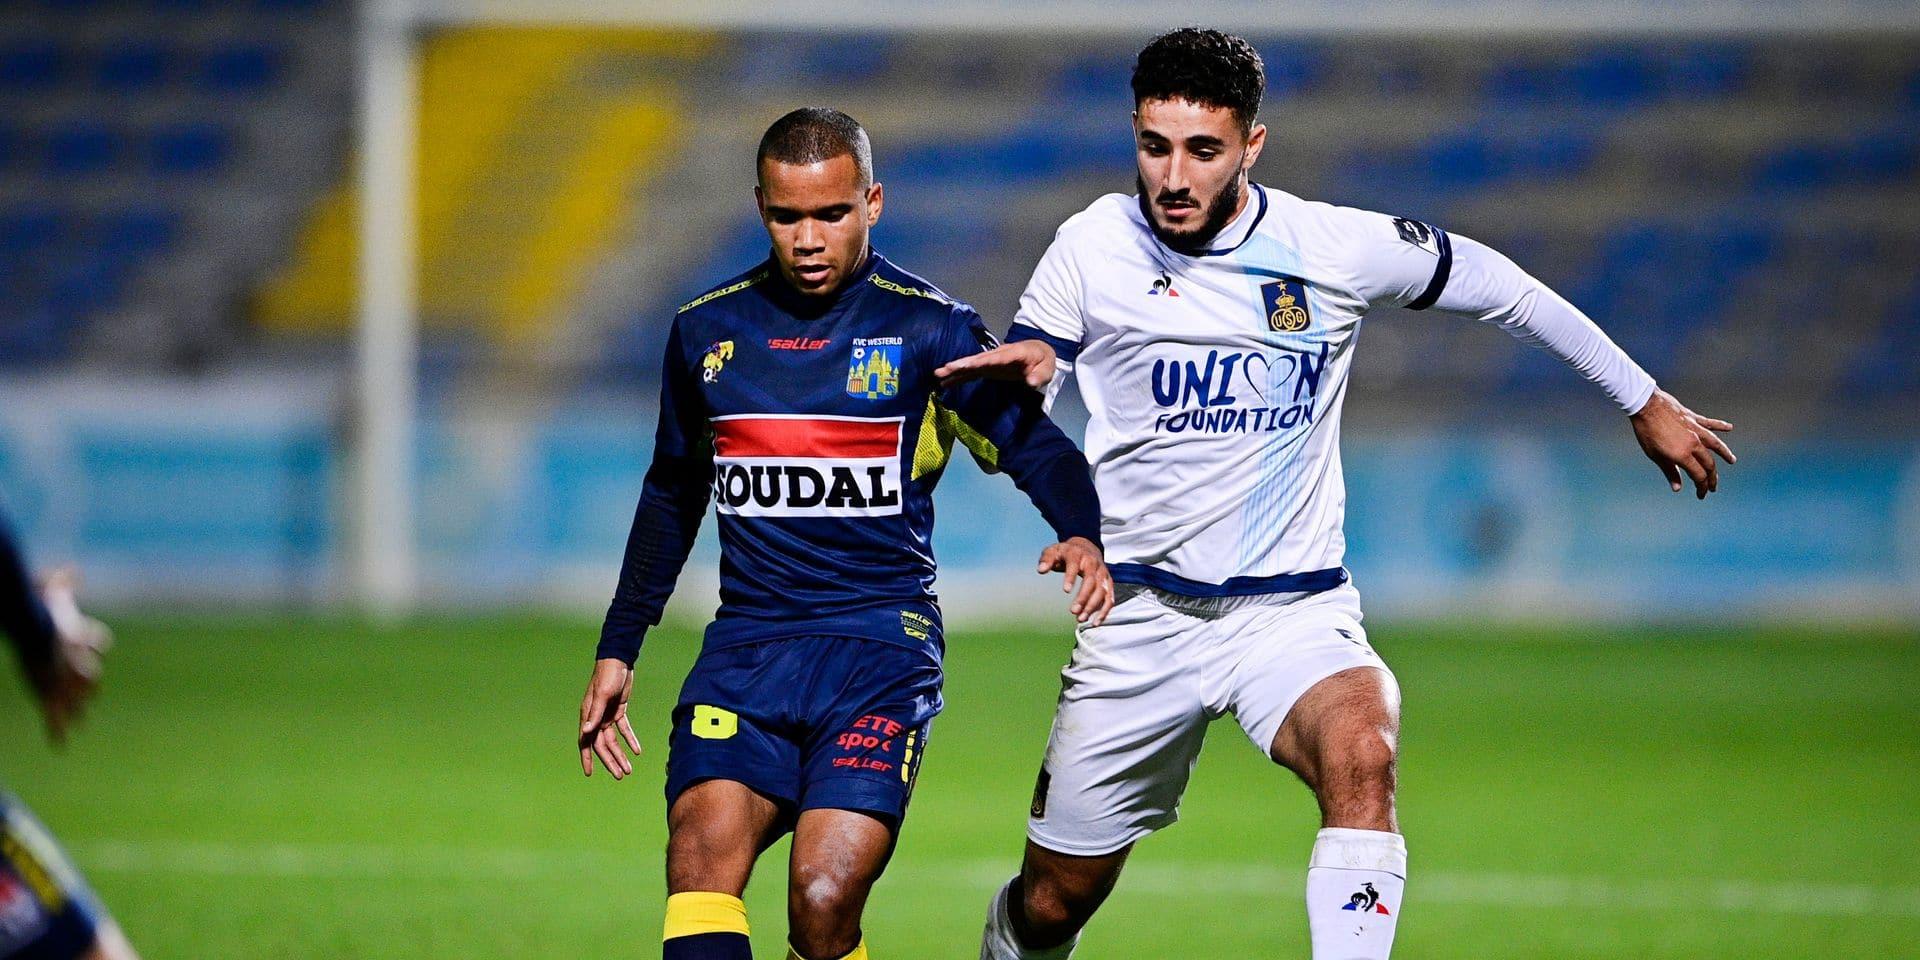 Anas Hamzaoui devrait quitter l'Union